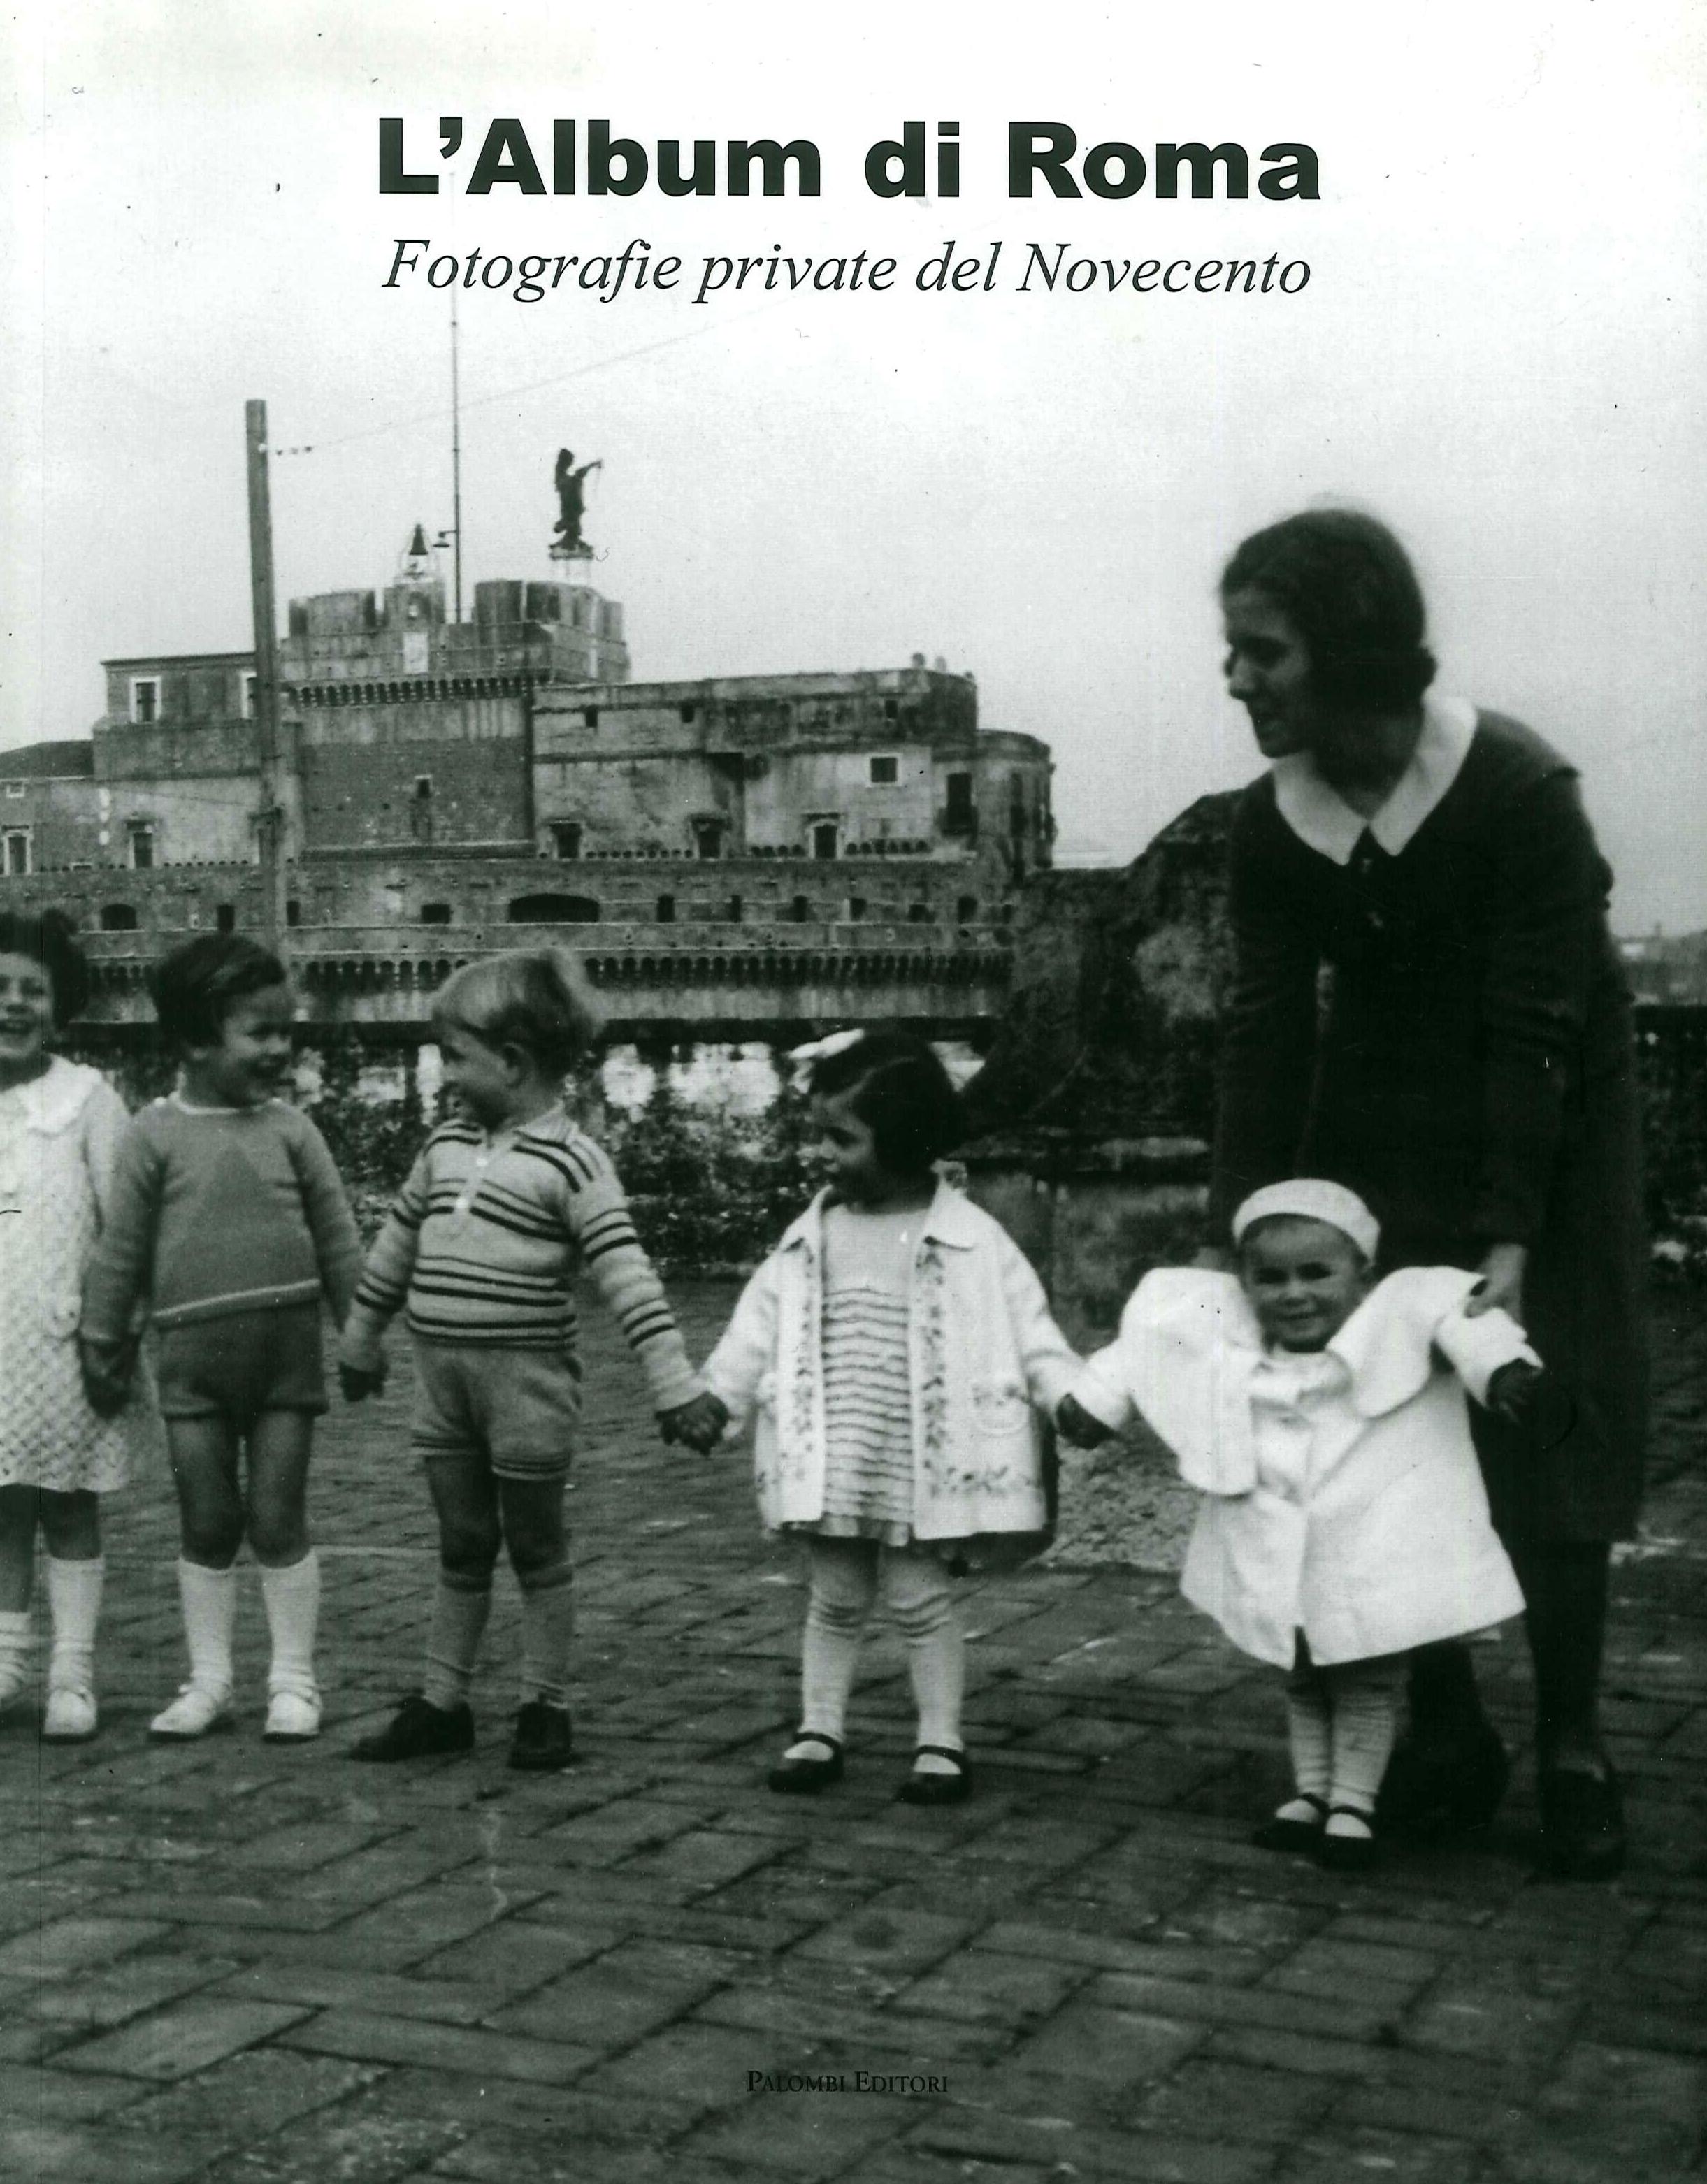 L'album di Roma. Fotografie private del Novecento